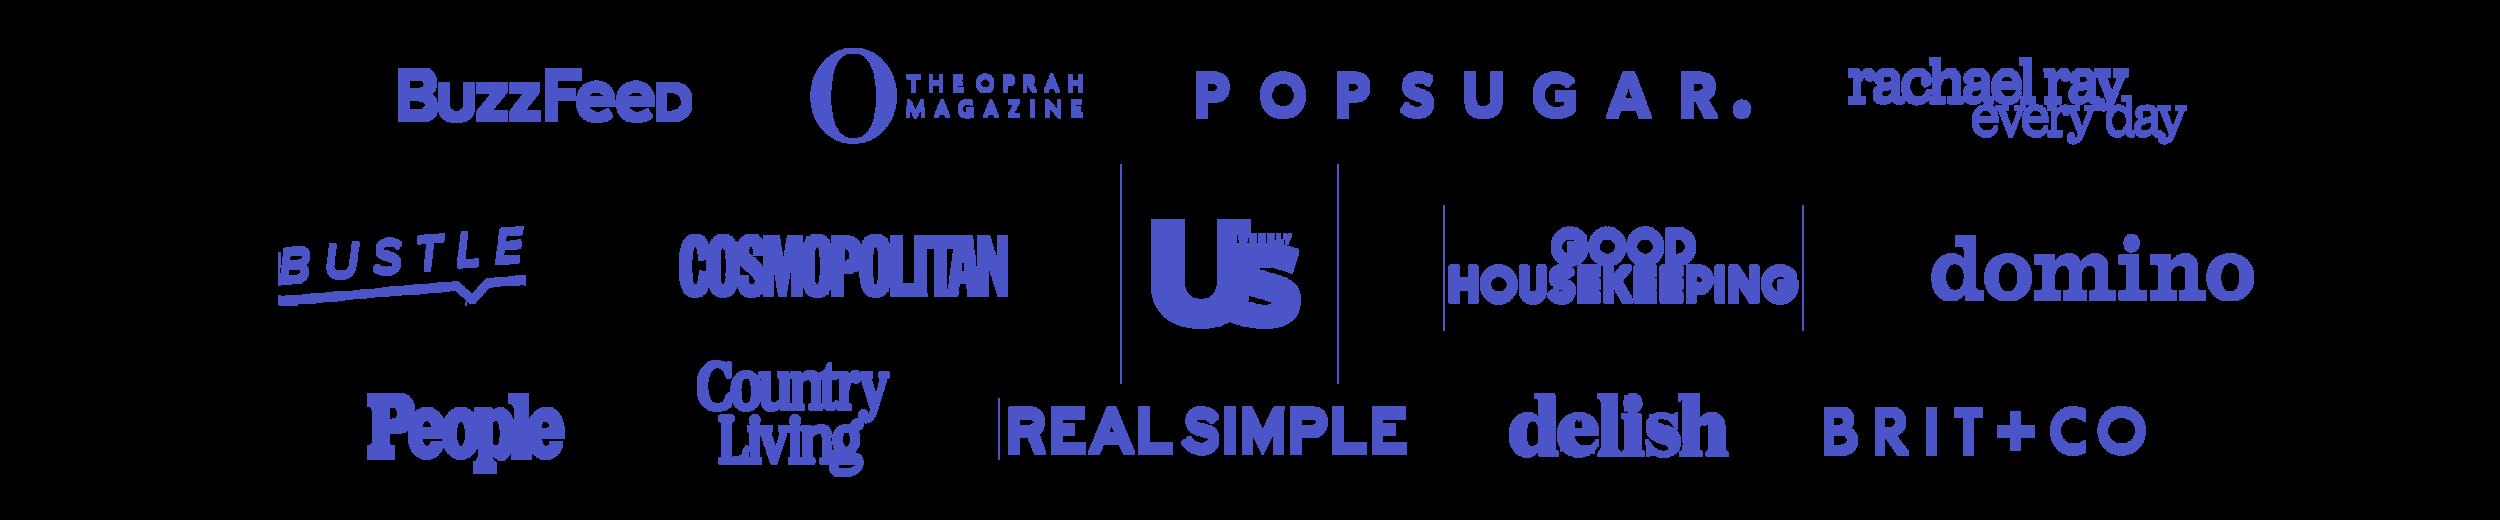 asseenin_featured_press_v3.png